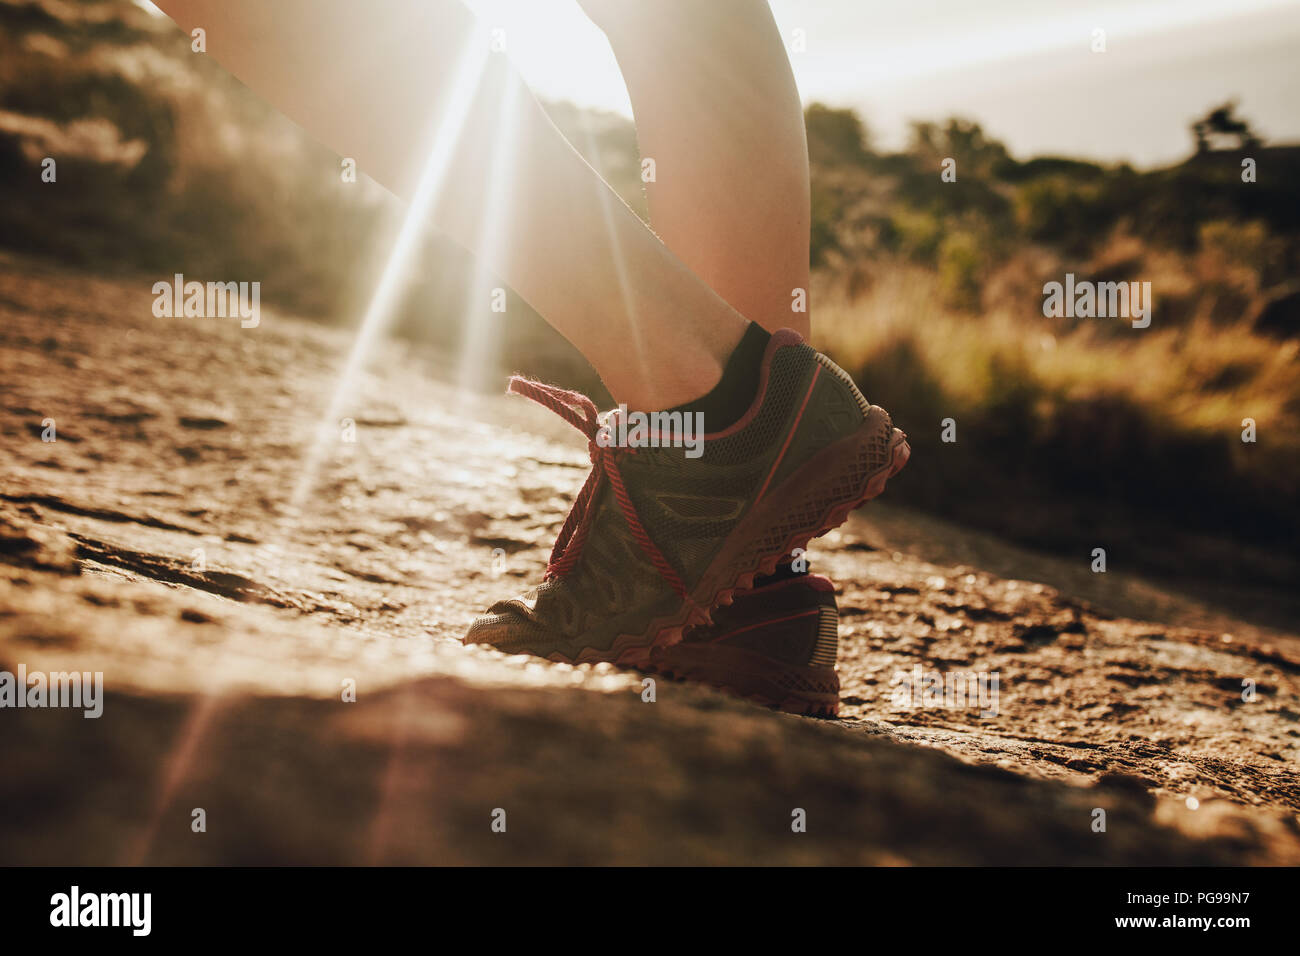 Cerrar cerro hembra trail runner llevar calzado deportivo de pie en la luz del sol. Mujer con zapatillas de pie en sendero rocoso. Imagen De Stock